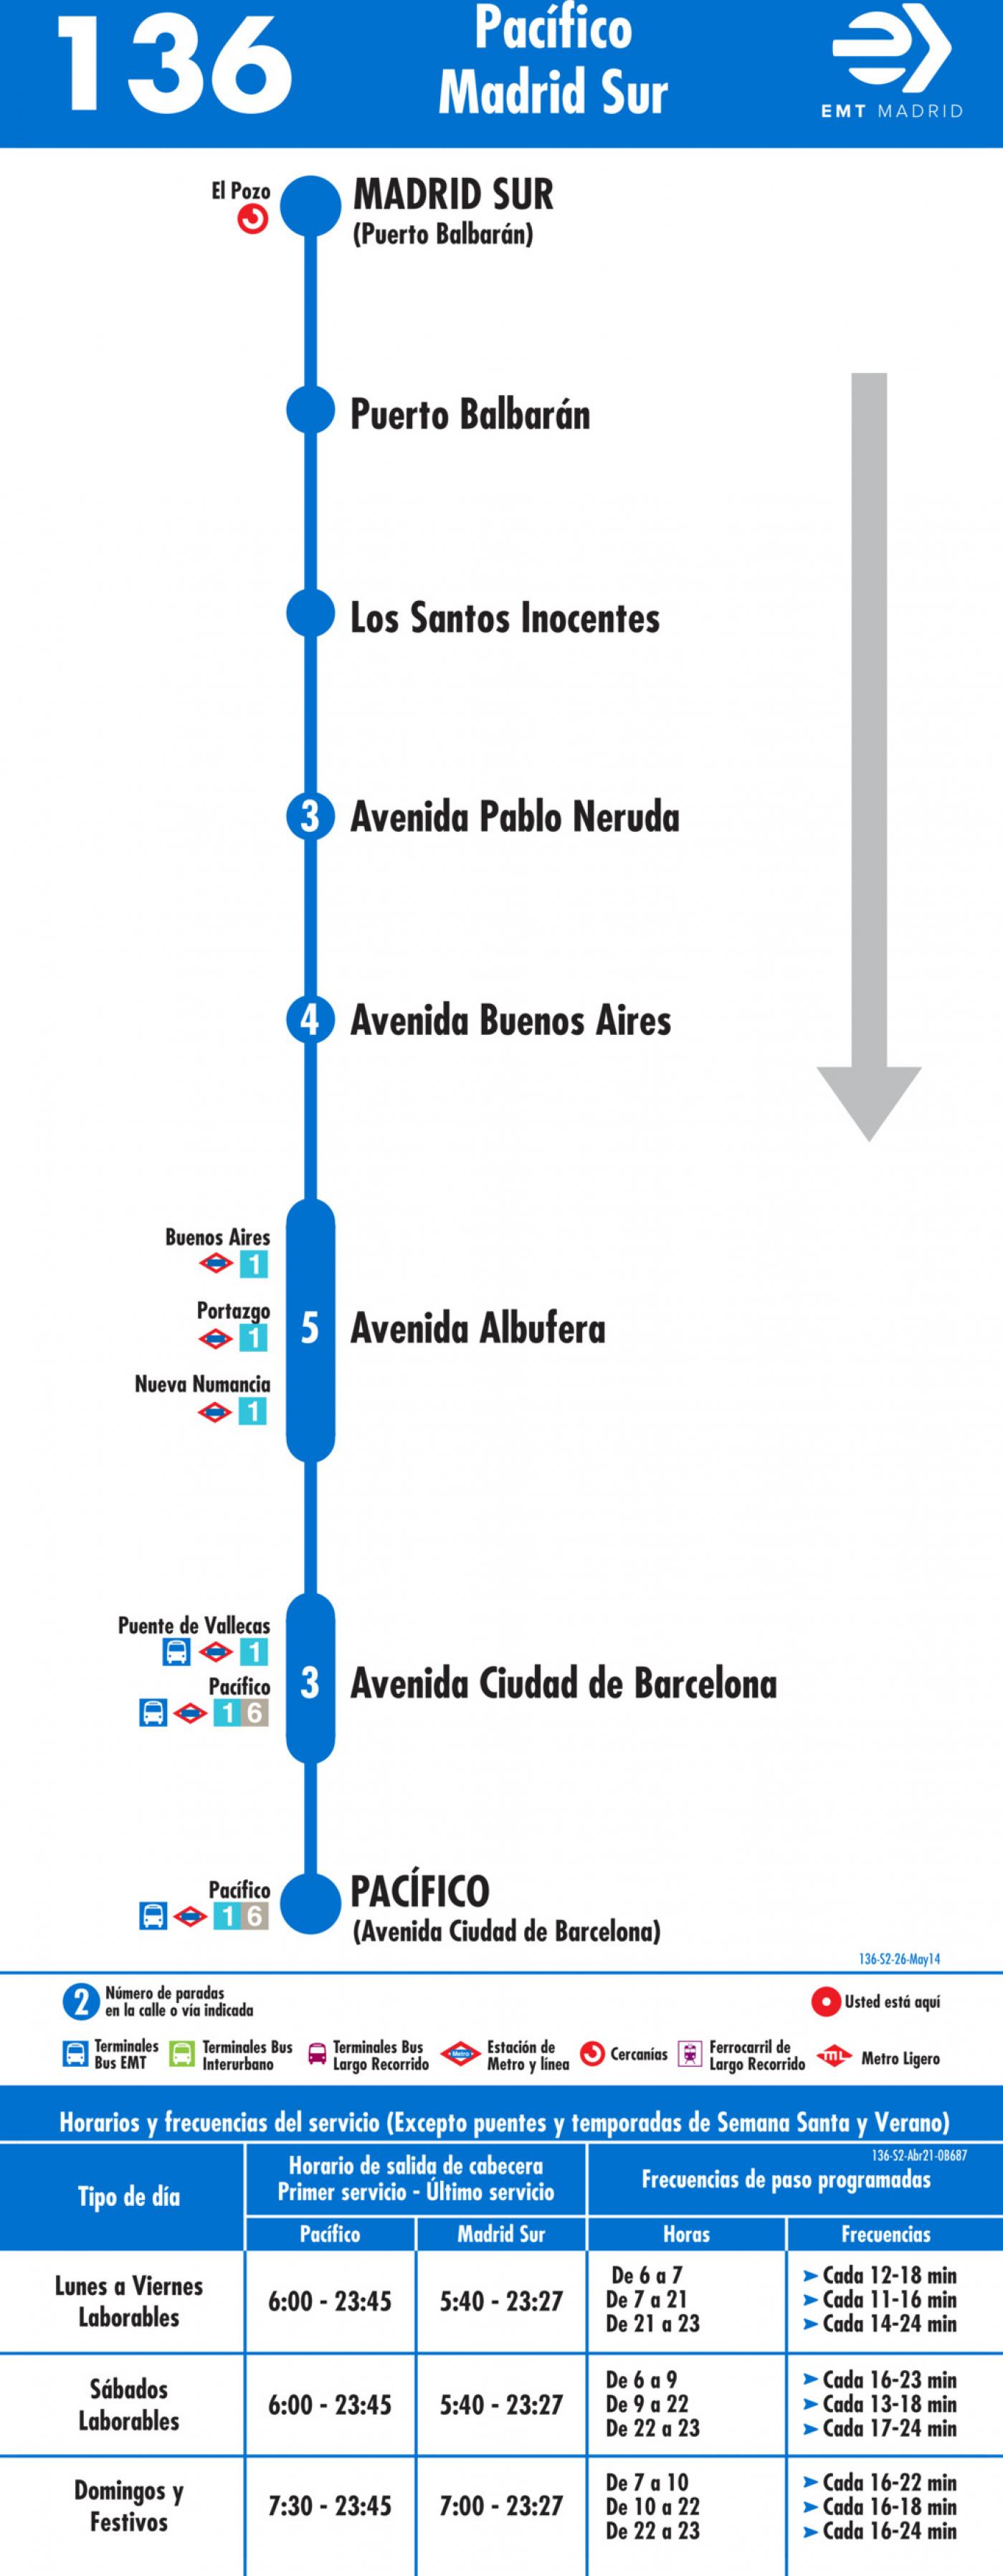 Tabla de horarios y frecuencias de paso en sentido vuelta Línea 136: Pacífico - Madrid Sur